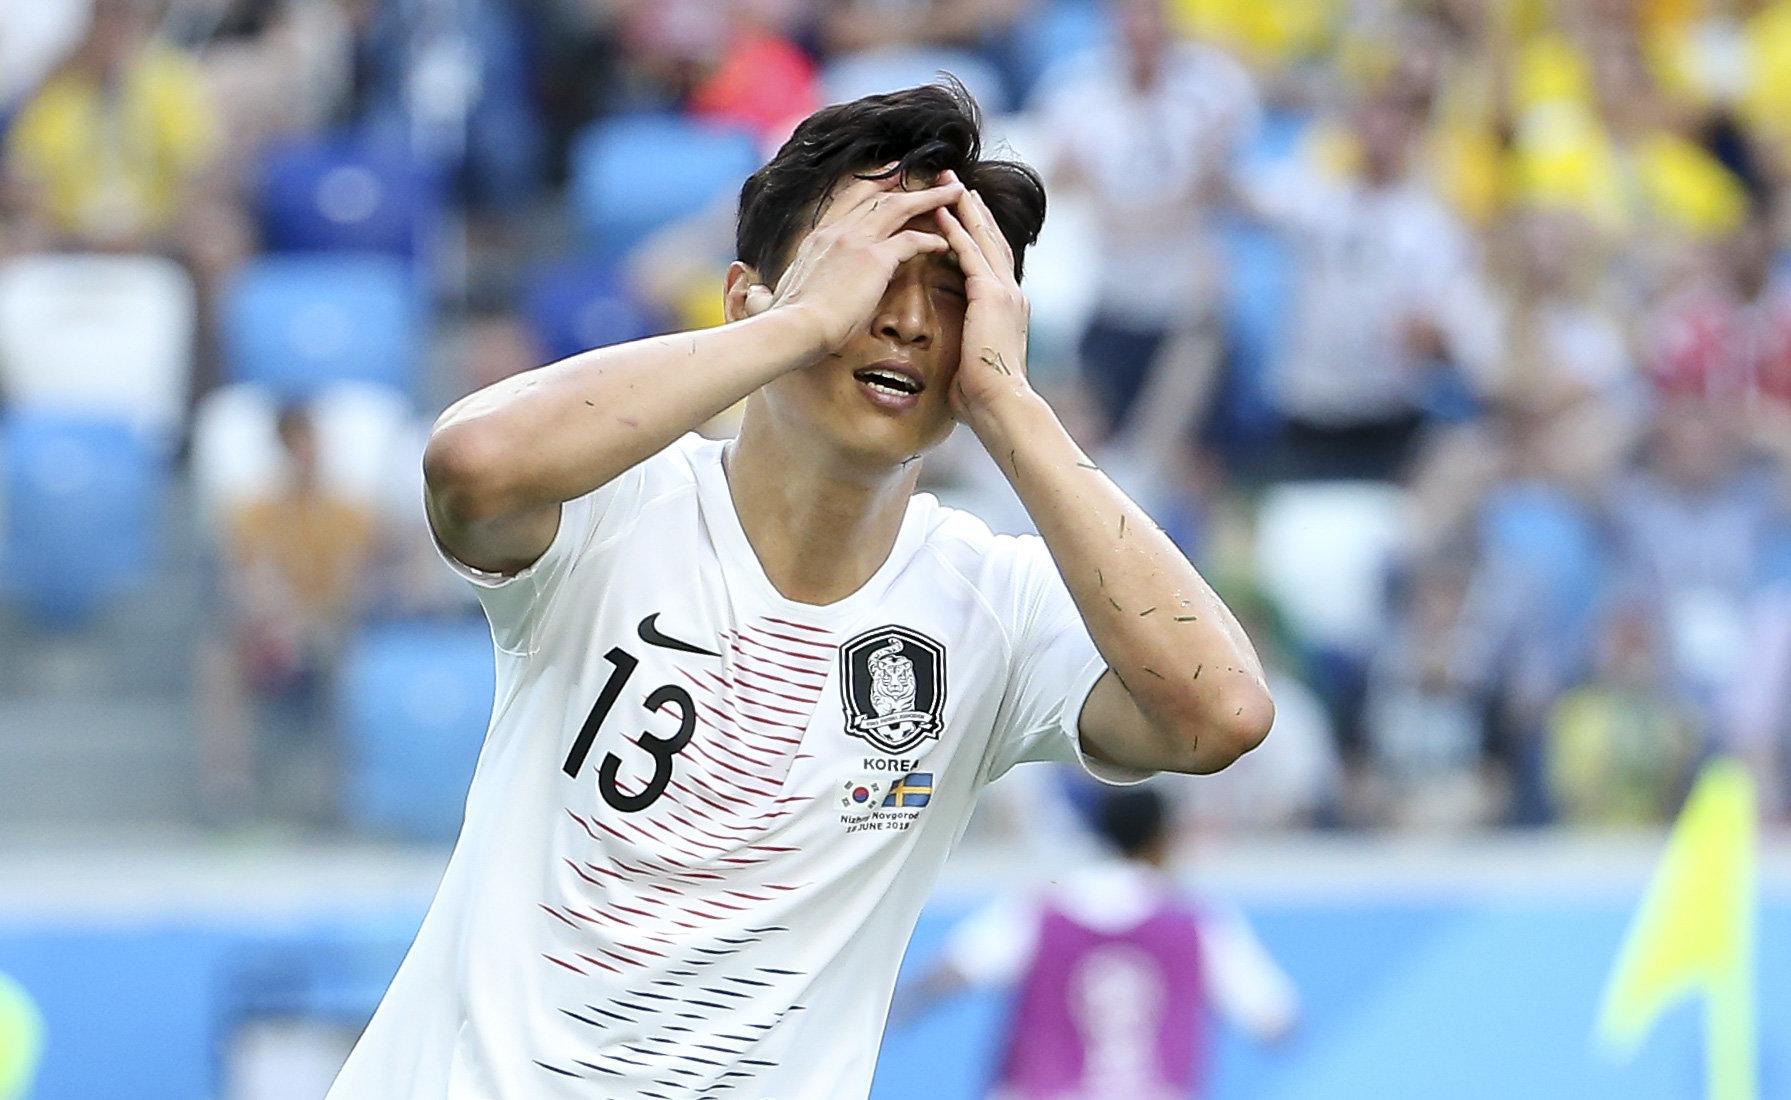 미국 '폭스스포츠'의 스웨덴전 한국팀 평가는 잔인하지만